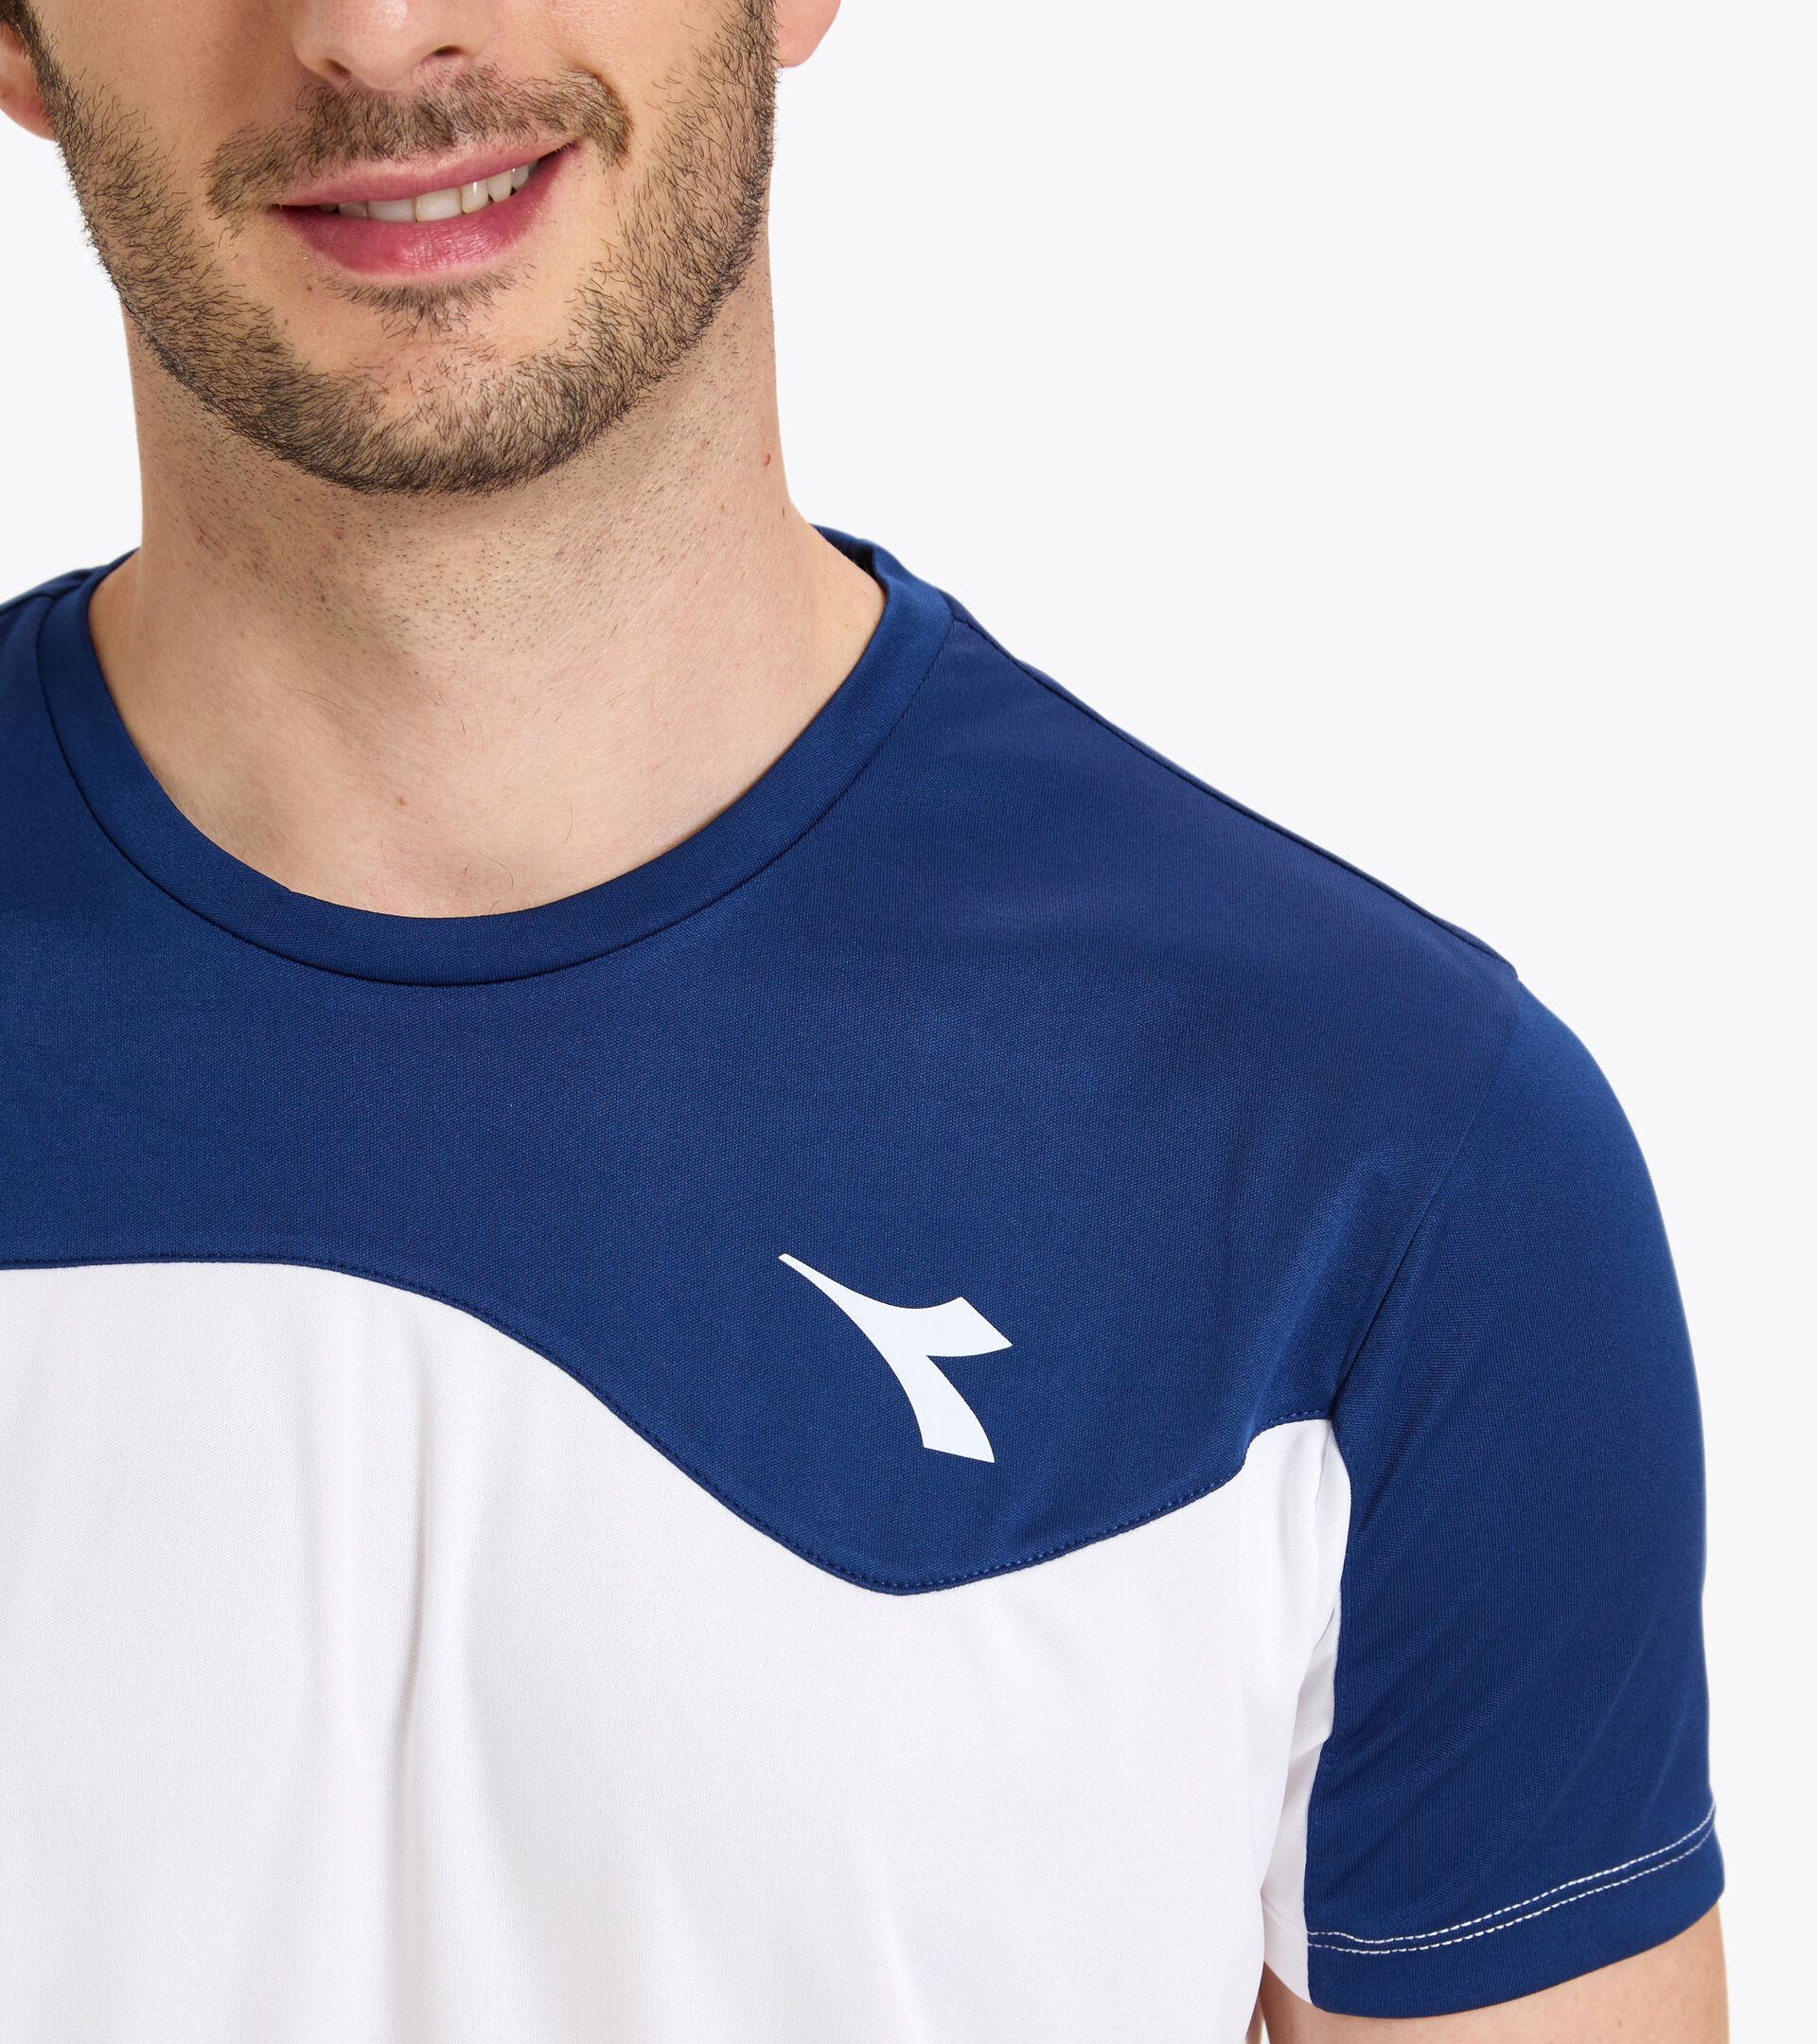 Tennis T-shirt - Men T-SHIRT TEAM SALTIRE NAVY - Diadora